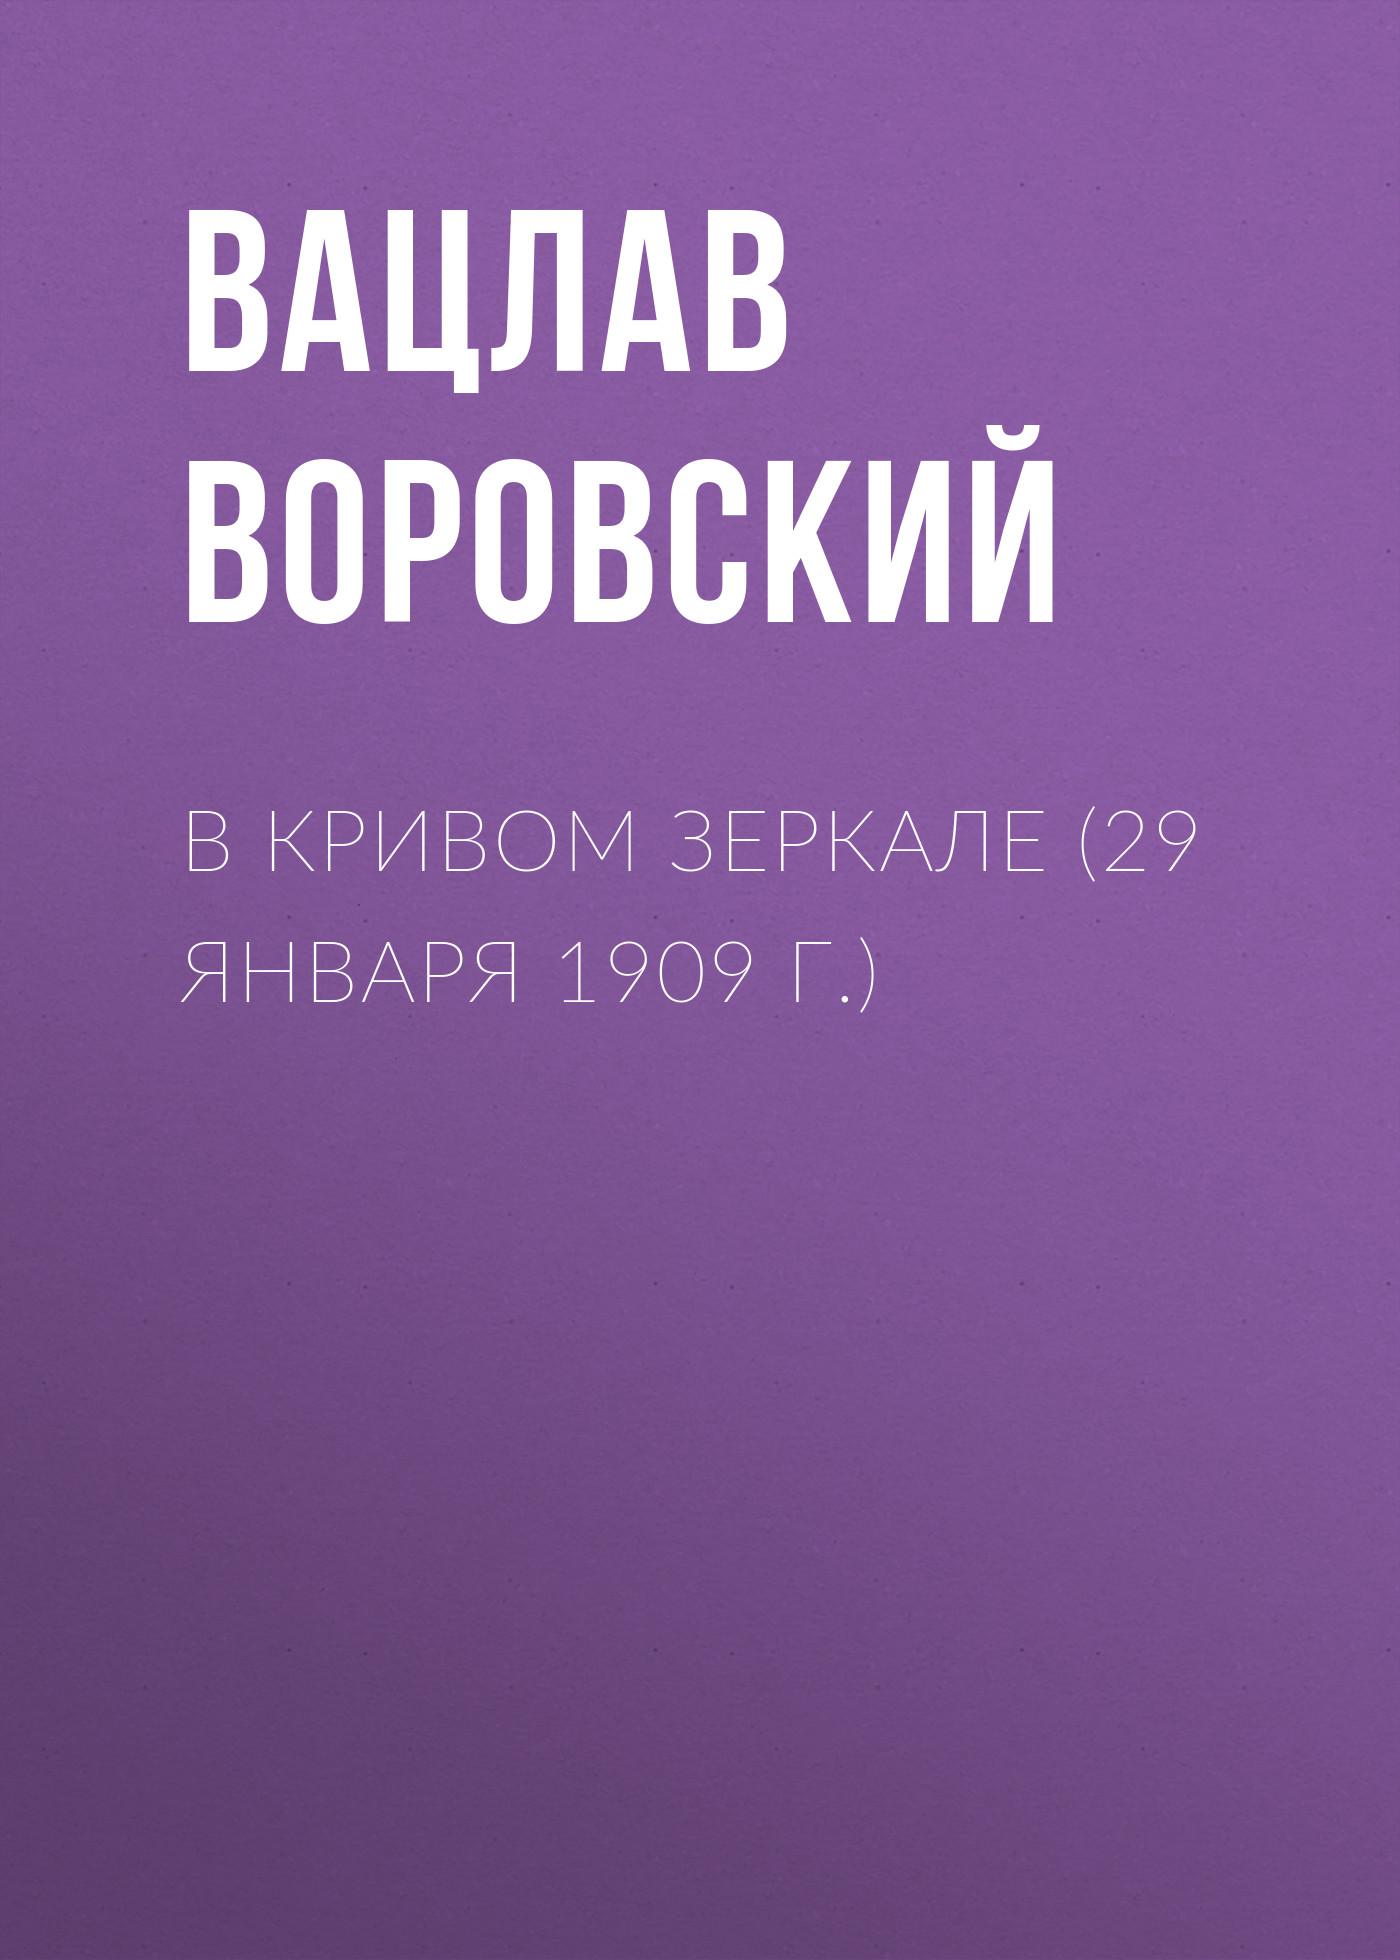 Вацлав Воровский В кривом зеркале (29 января 1909 г.) вацлав воровский мысли вслух 15 января 1910 г